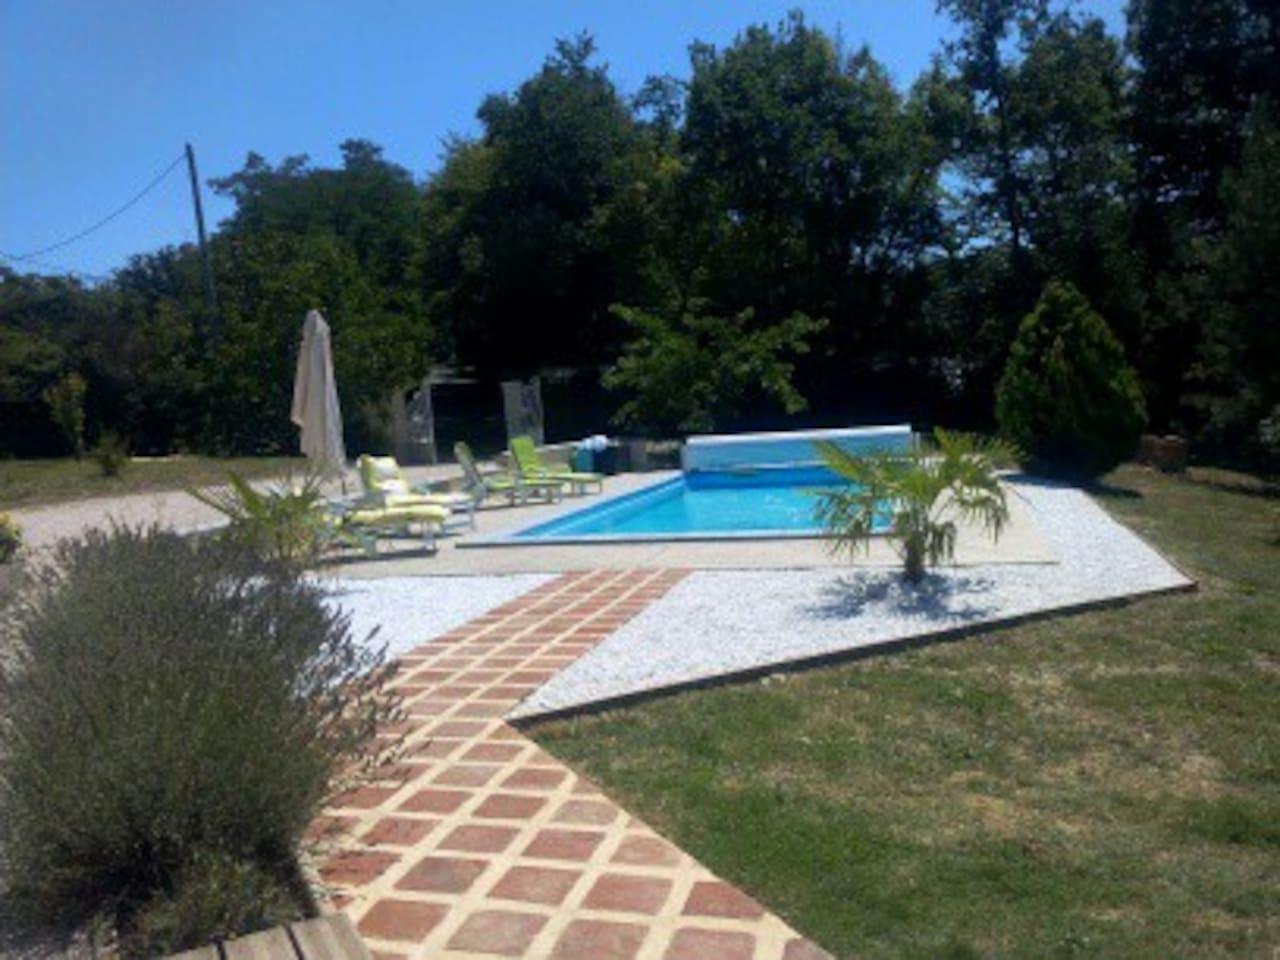 La piscine chauffée dans la nature